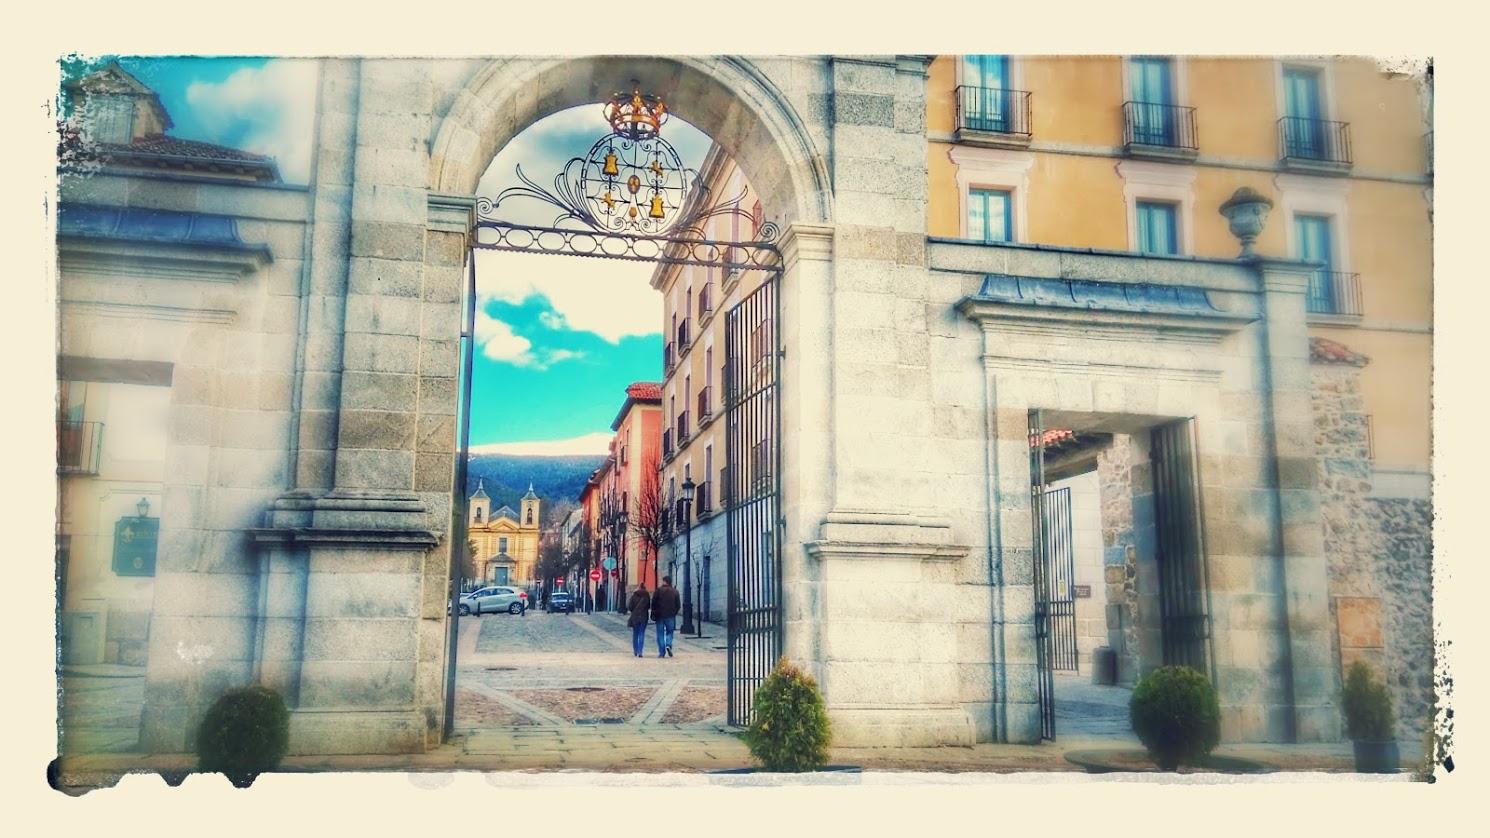 Puerta de acceso al Real Sitio de La Granja de San Ildefonso, en Segovia.